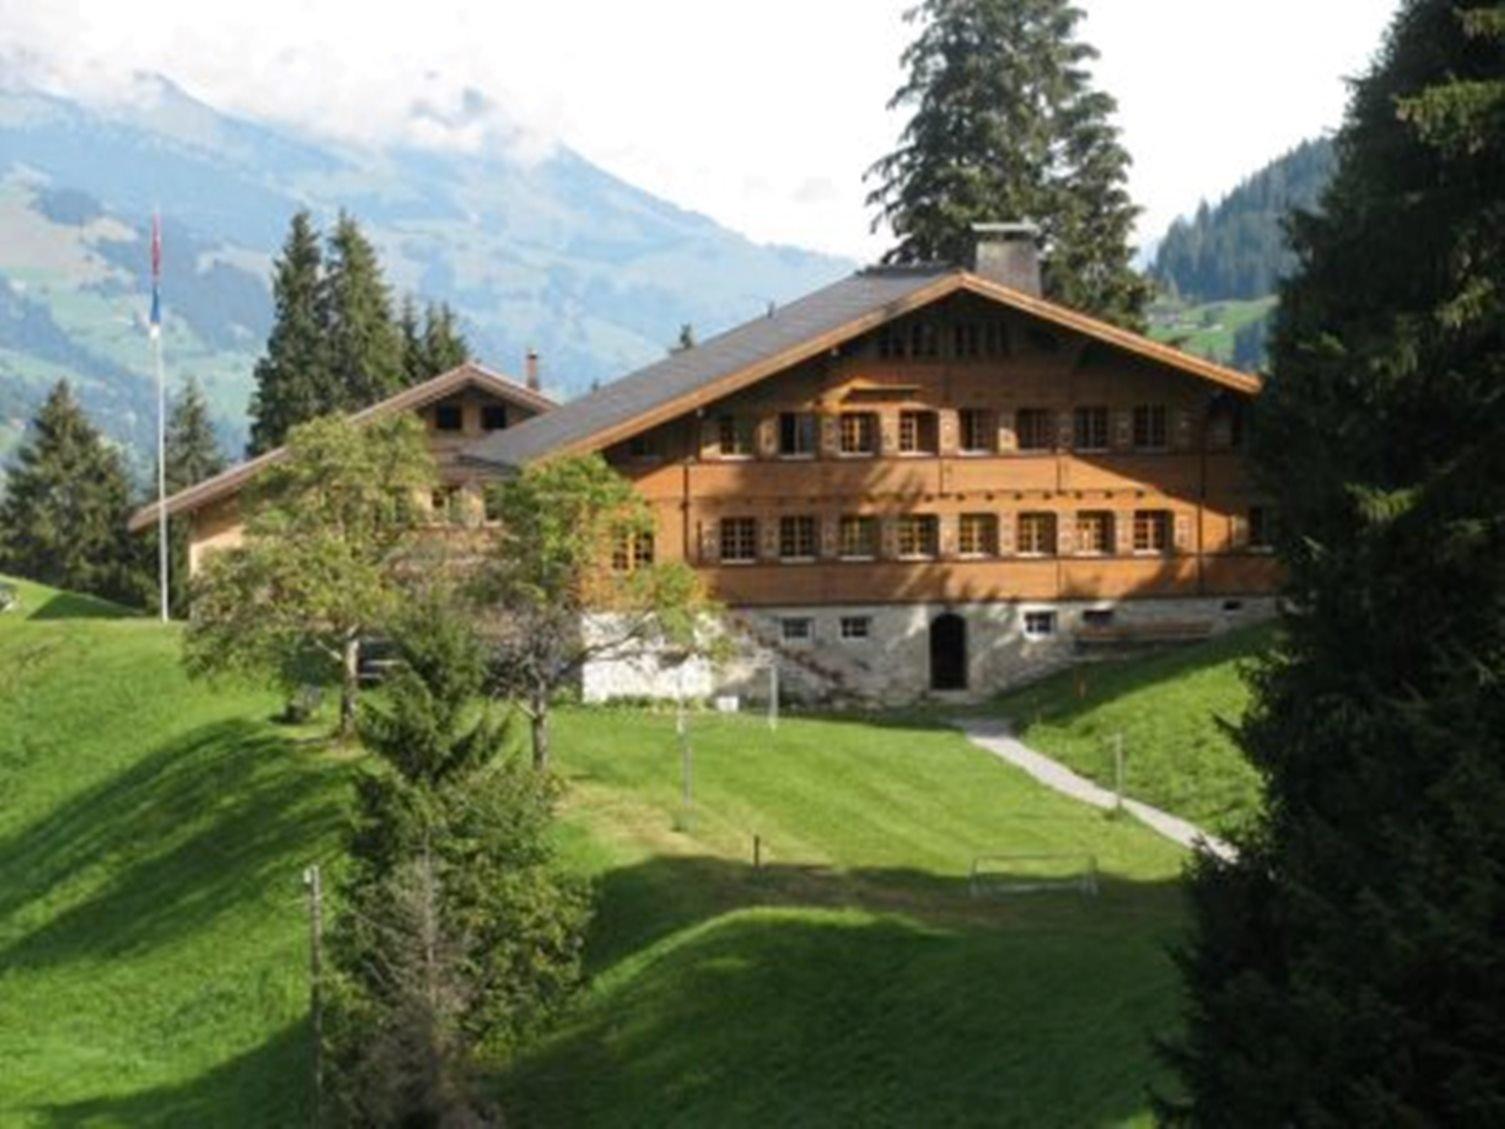 092011 Switzerland Main Chalet